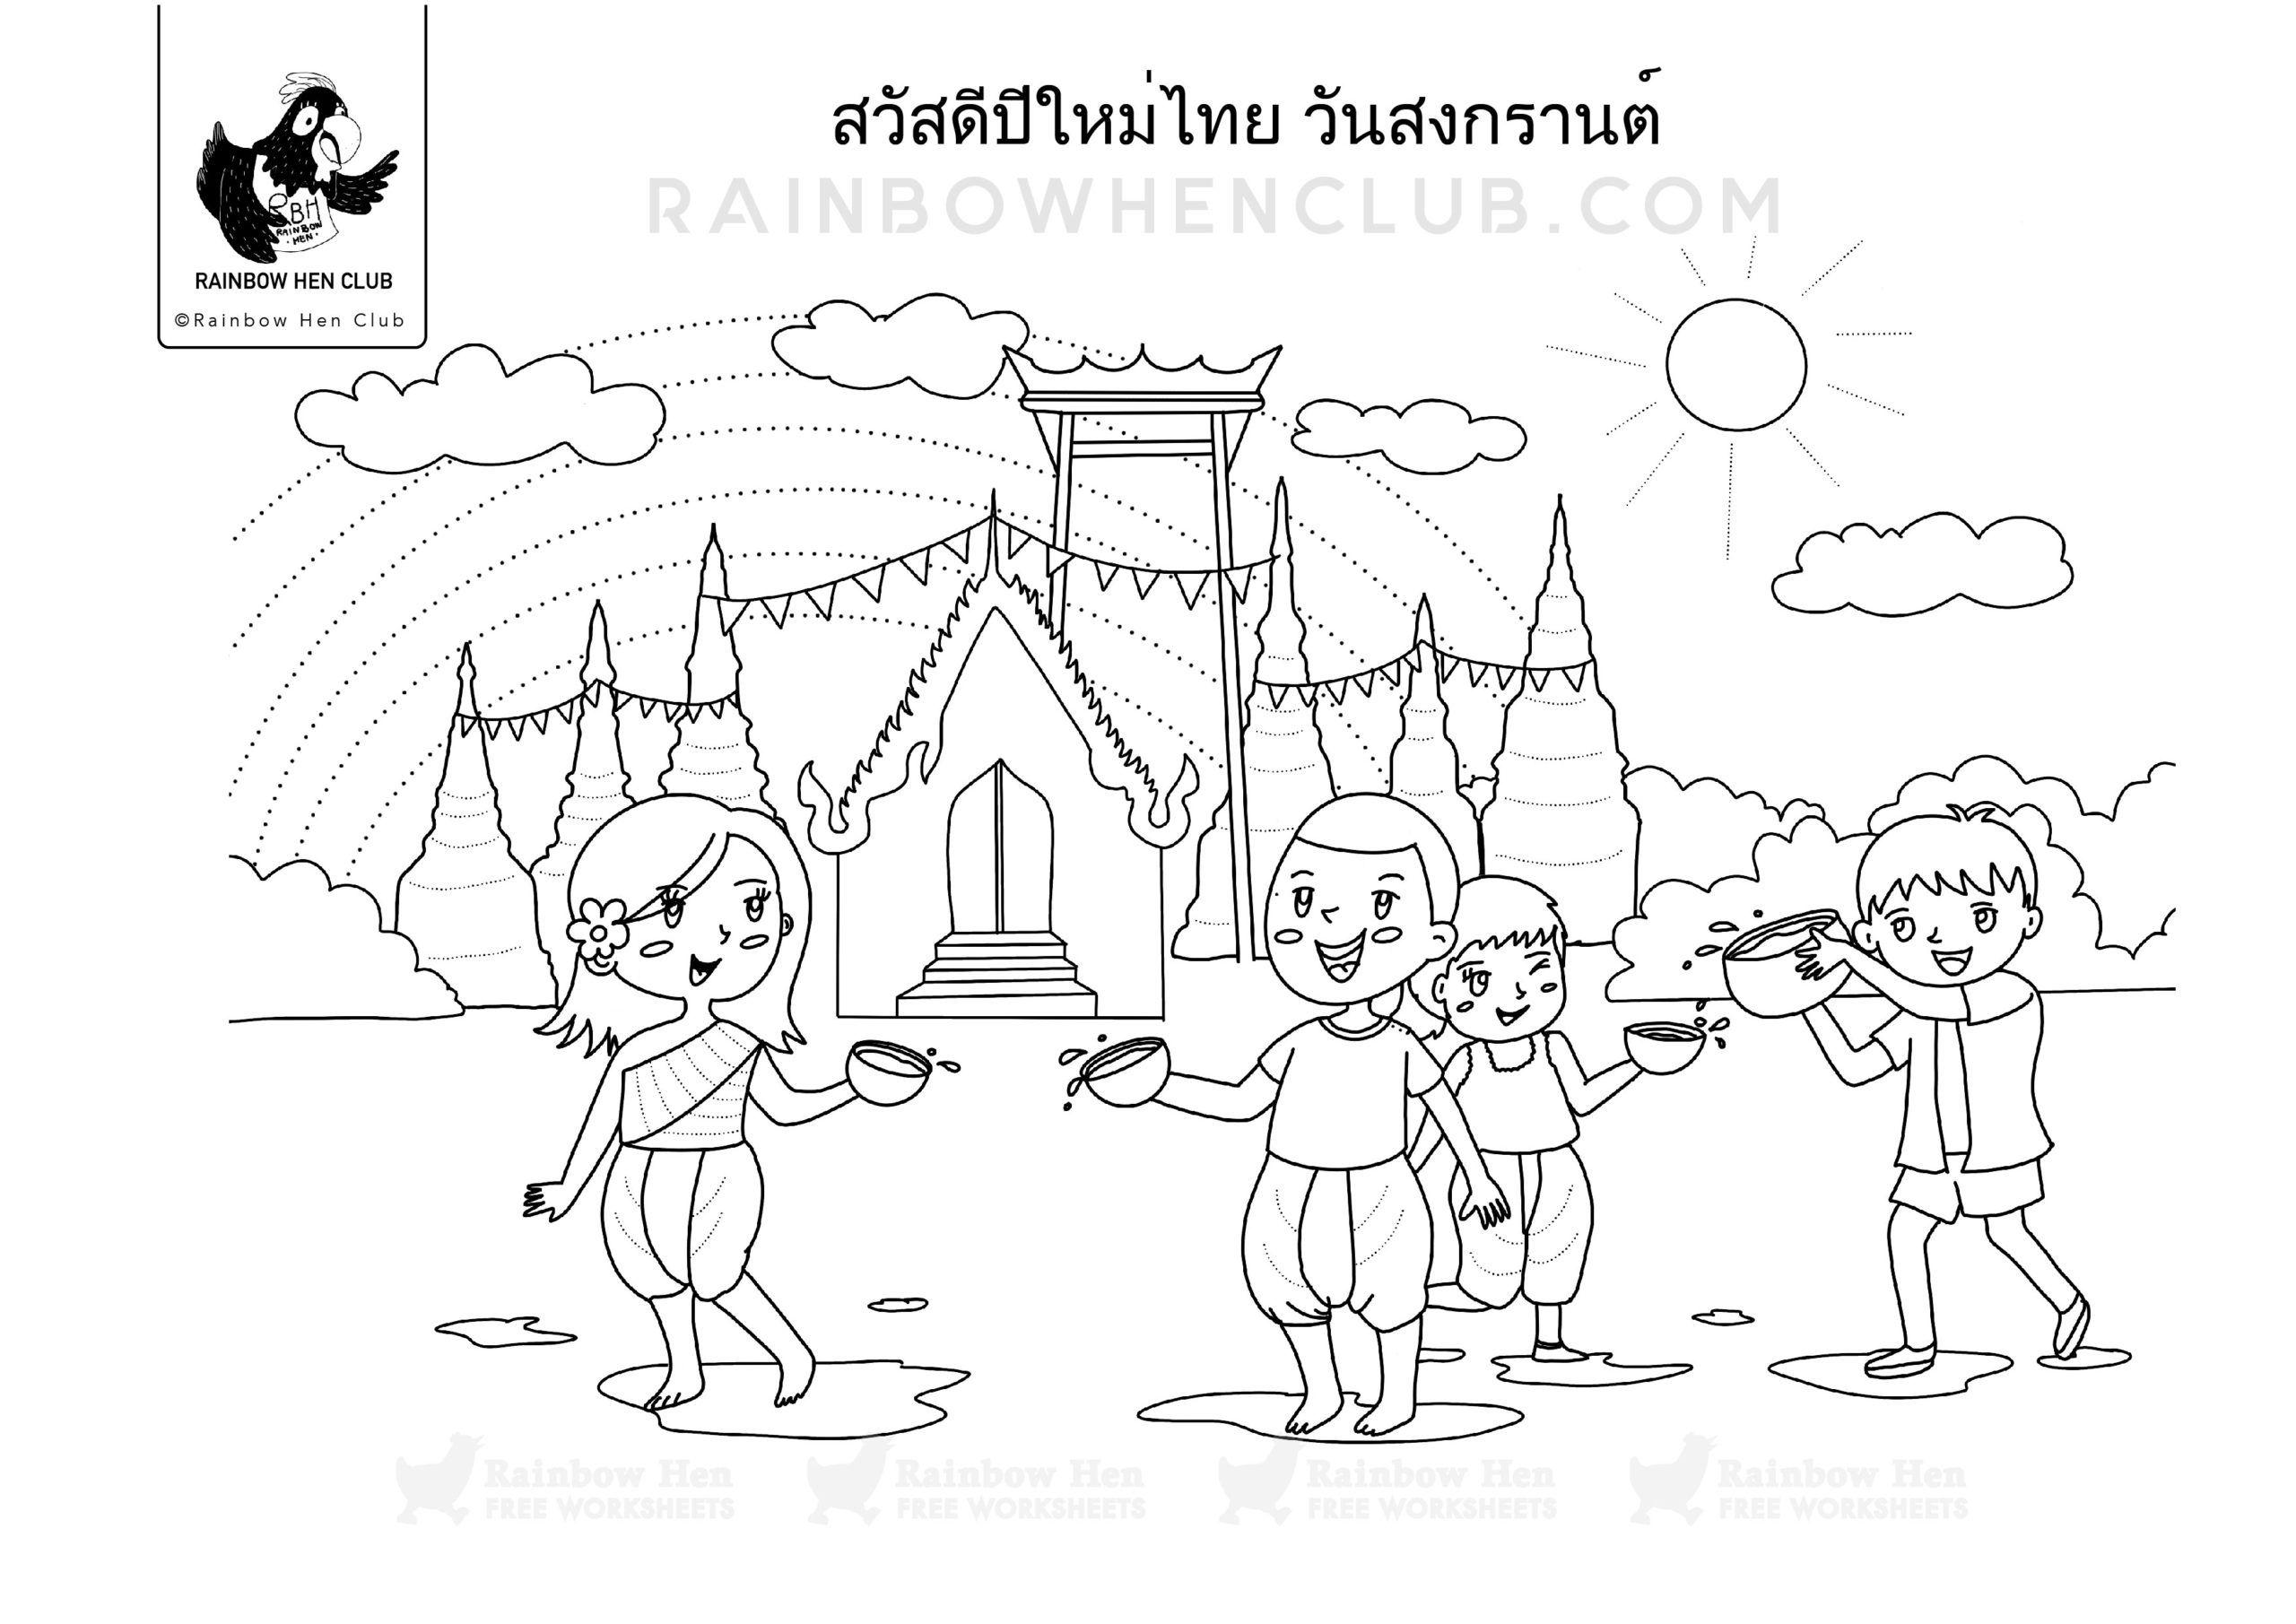 ระบายส ว นสงกรานต ป ใหม ไทย Songkran Colouring สม ดระบายส ศ ลปะ ภาพวาด